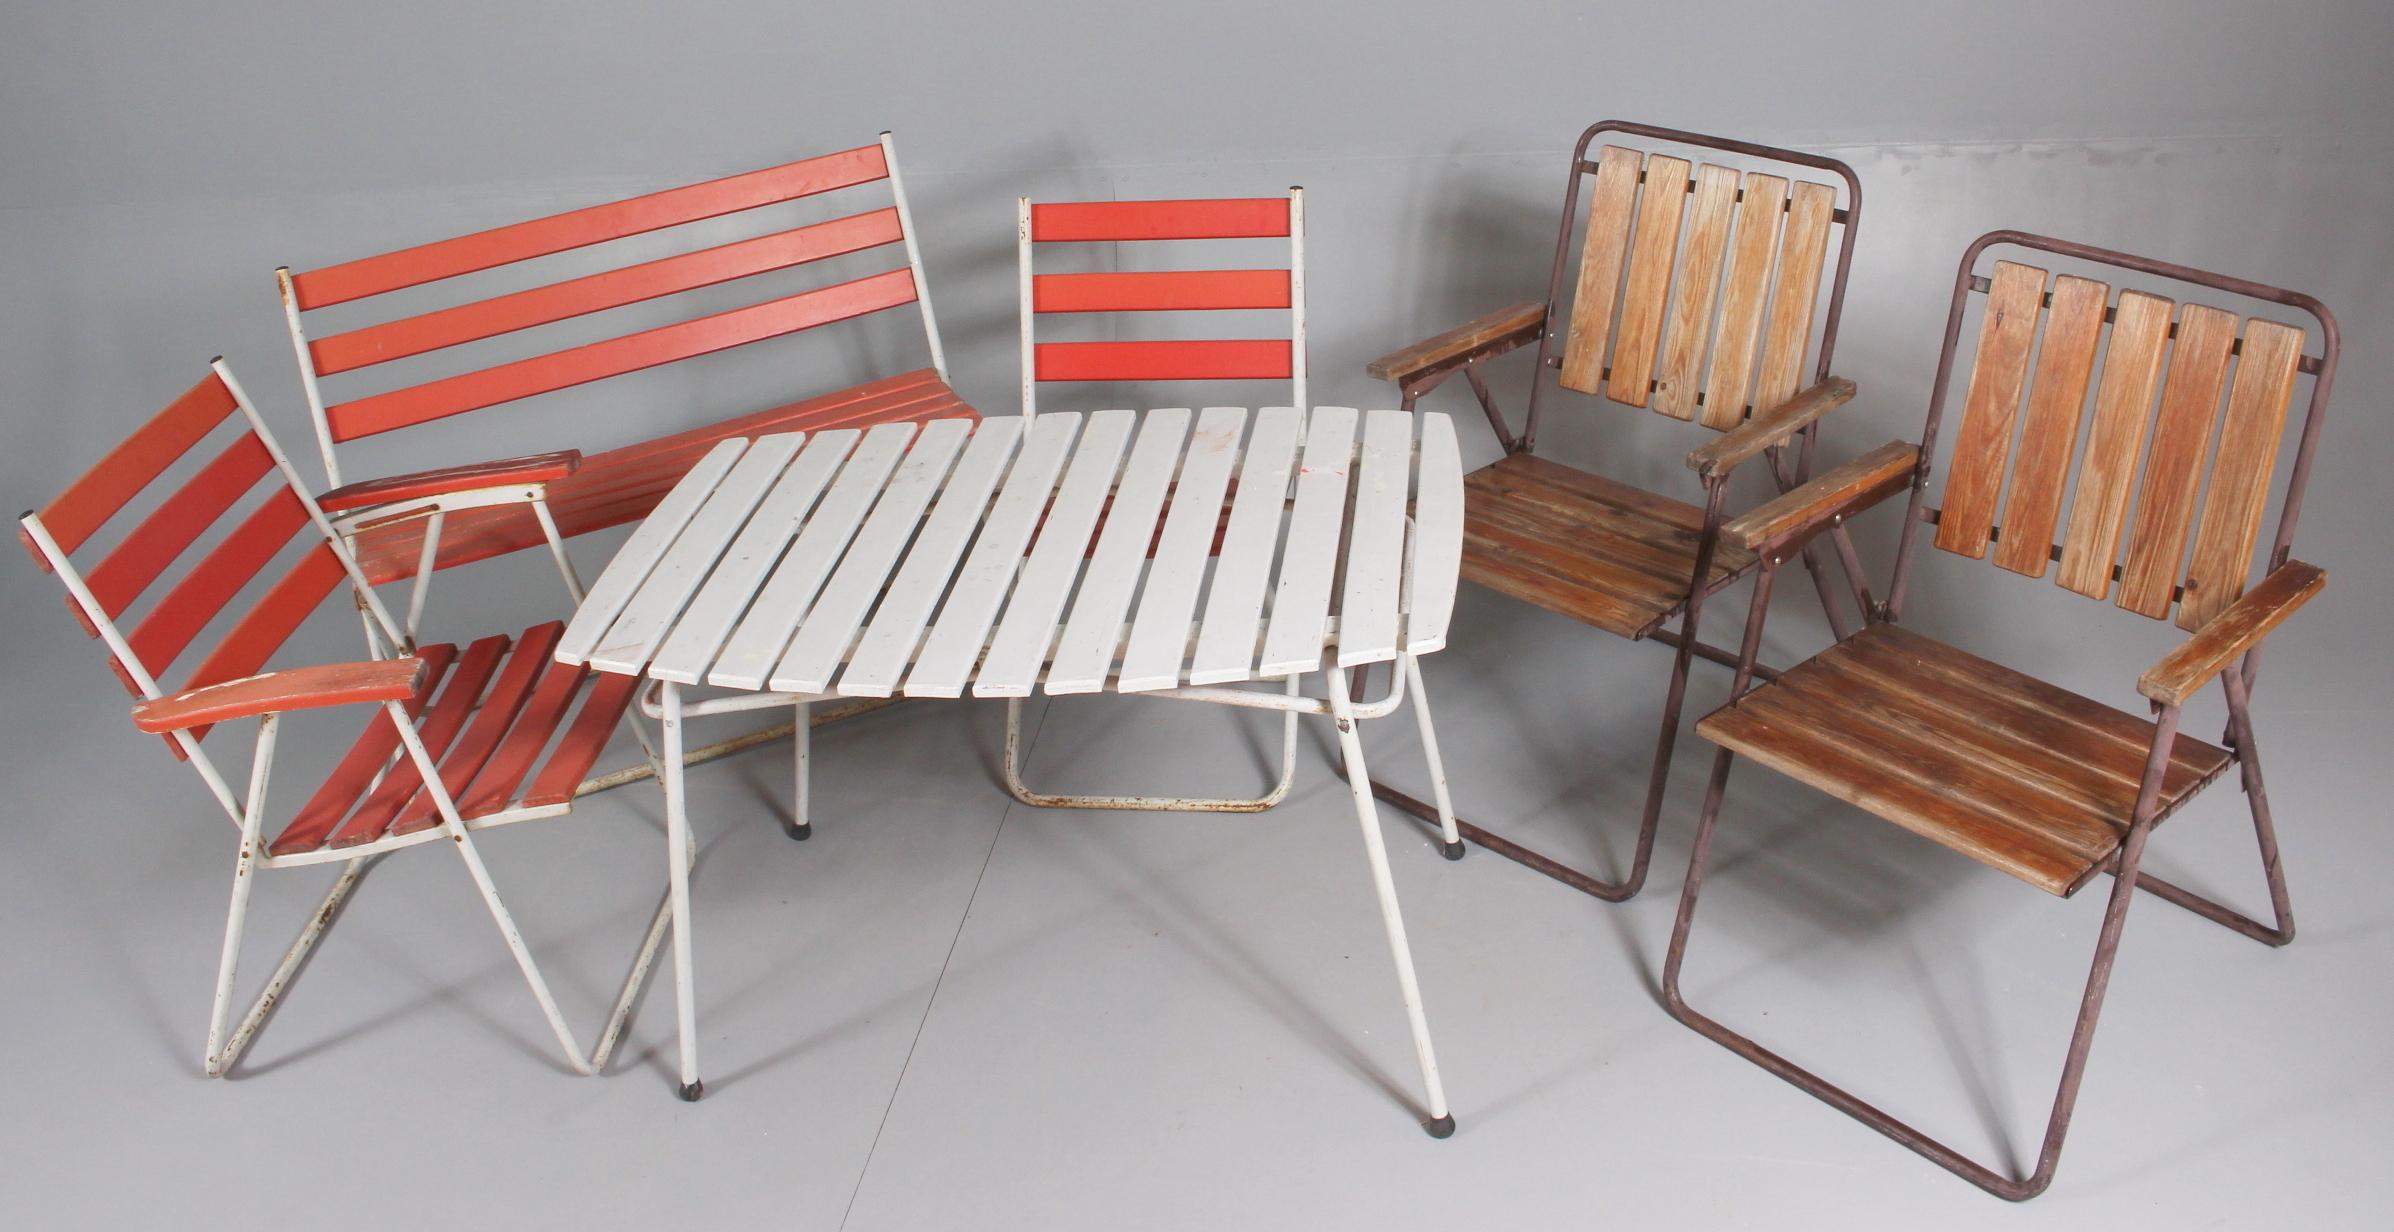 Tradgardsmobler Furniture Garden Furniture Auctionet